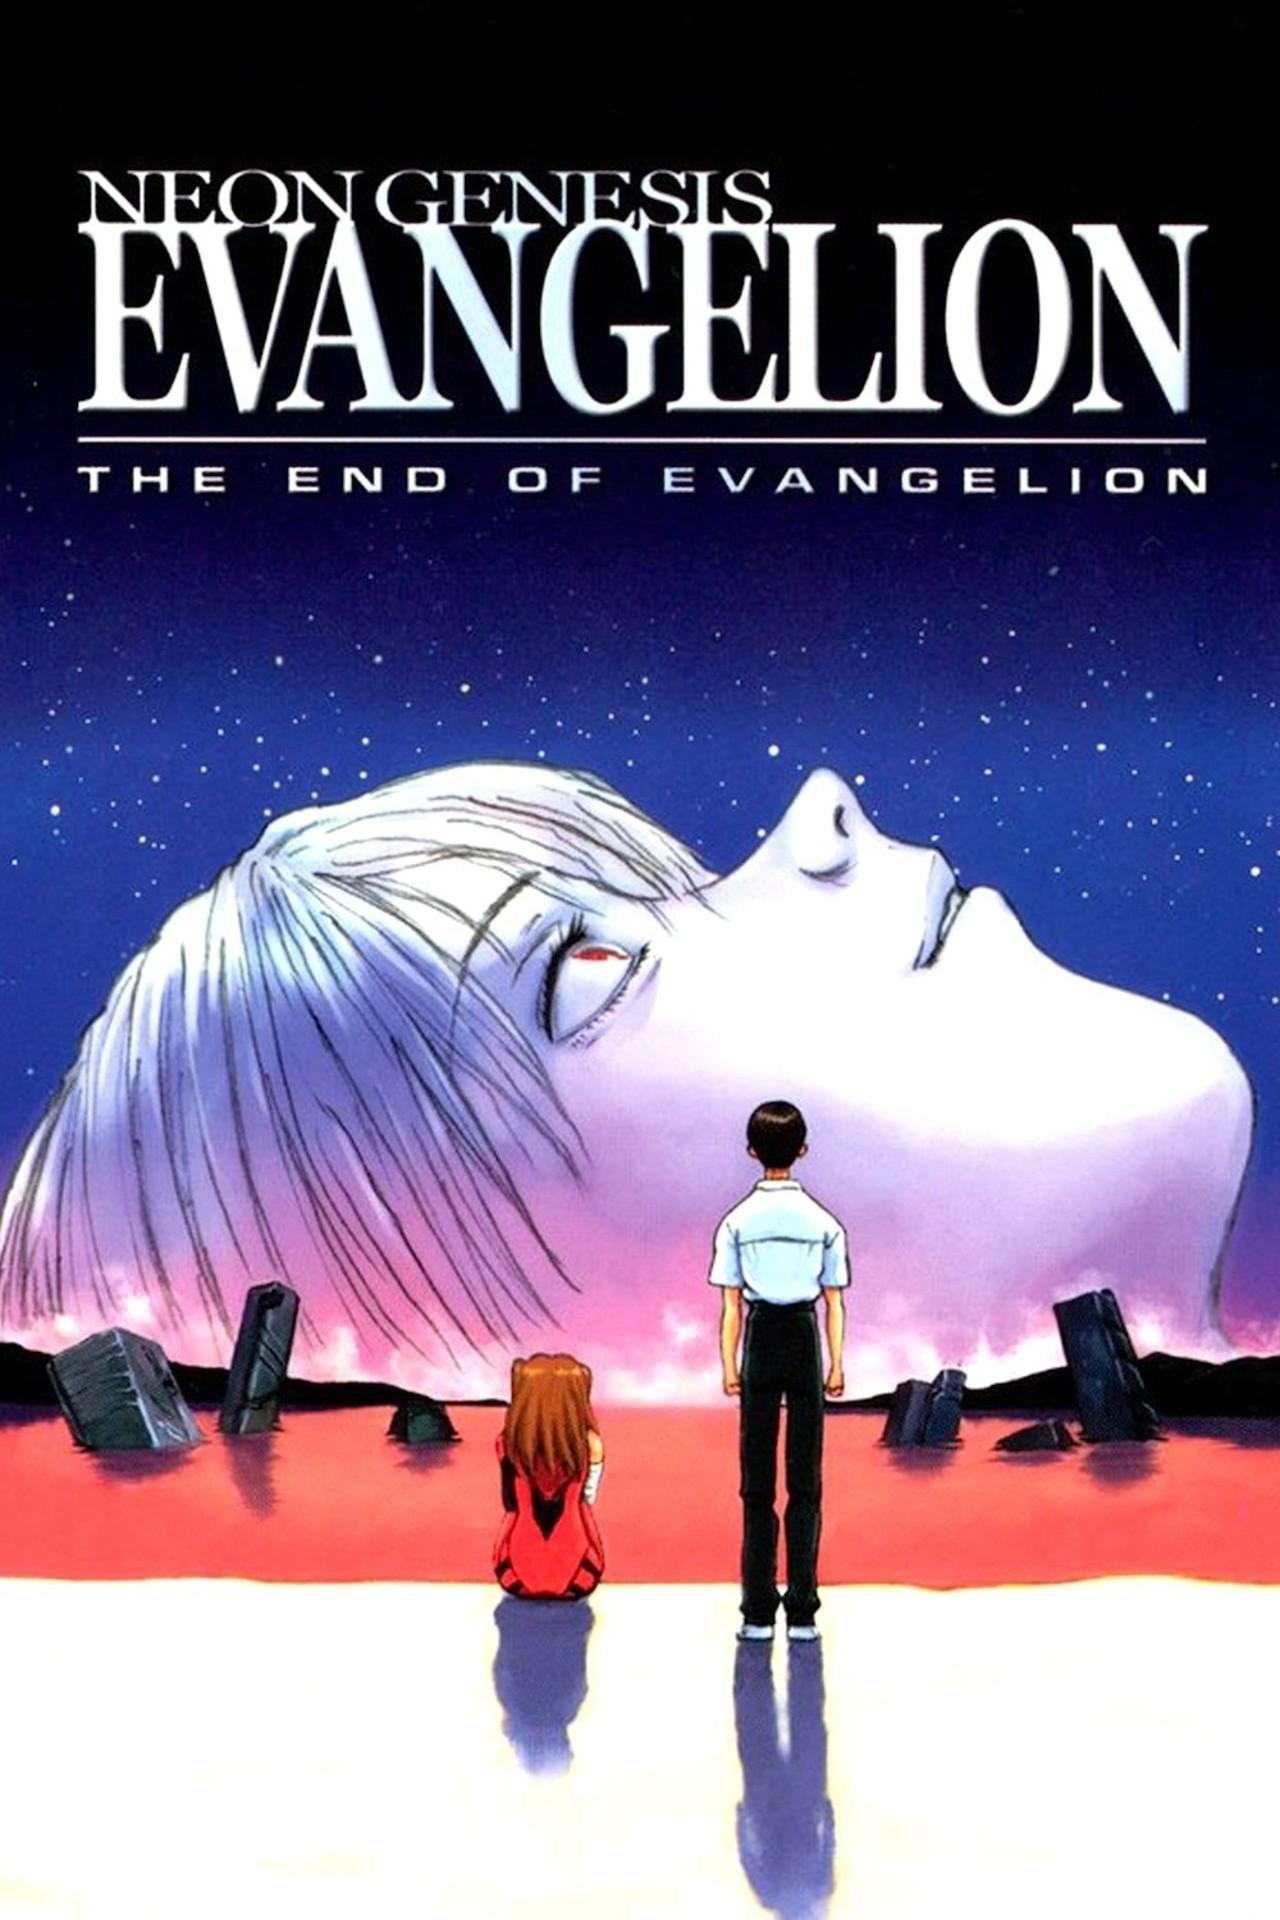 Neon Genesis Evangelion: The End of Evangelion kapak